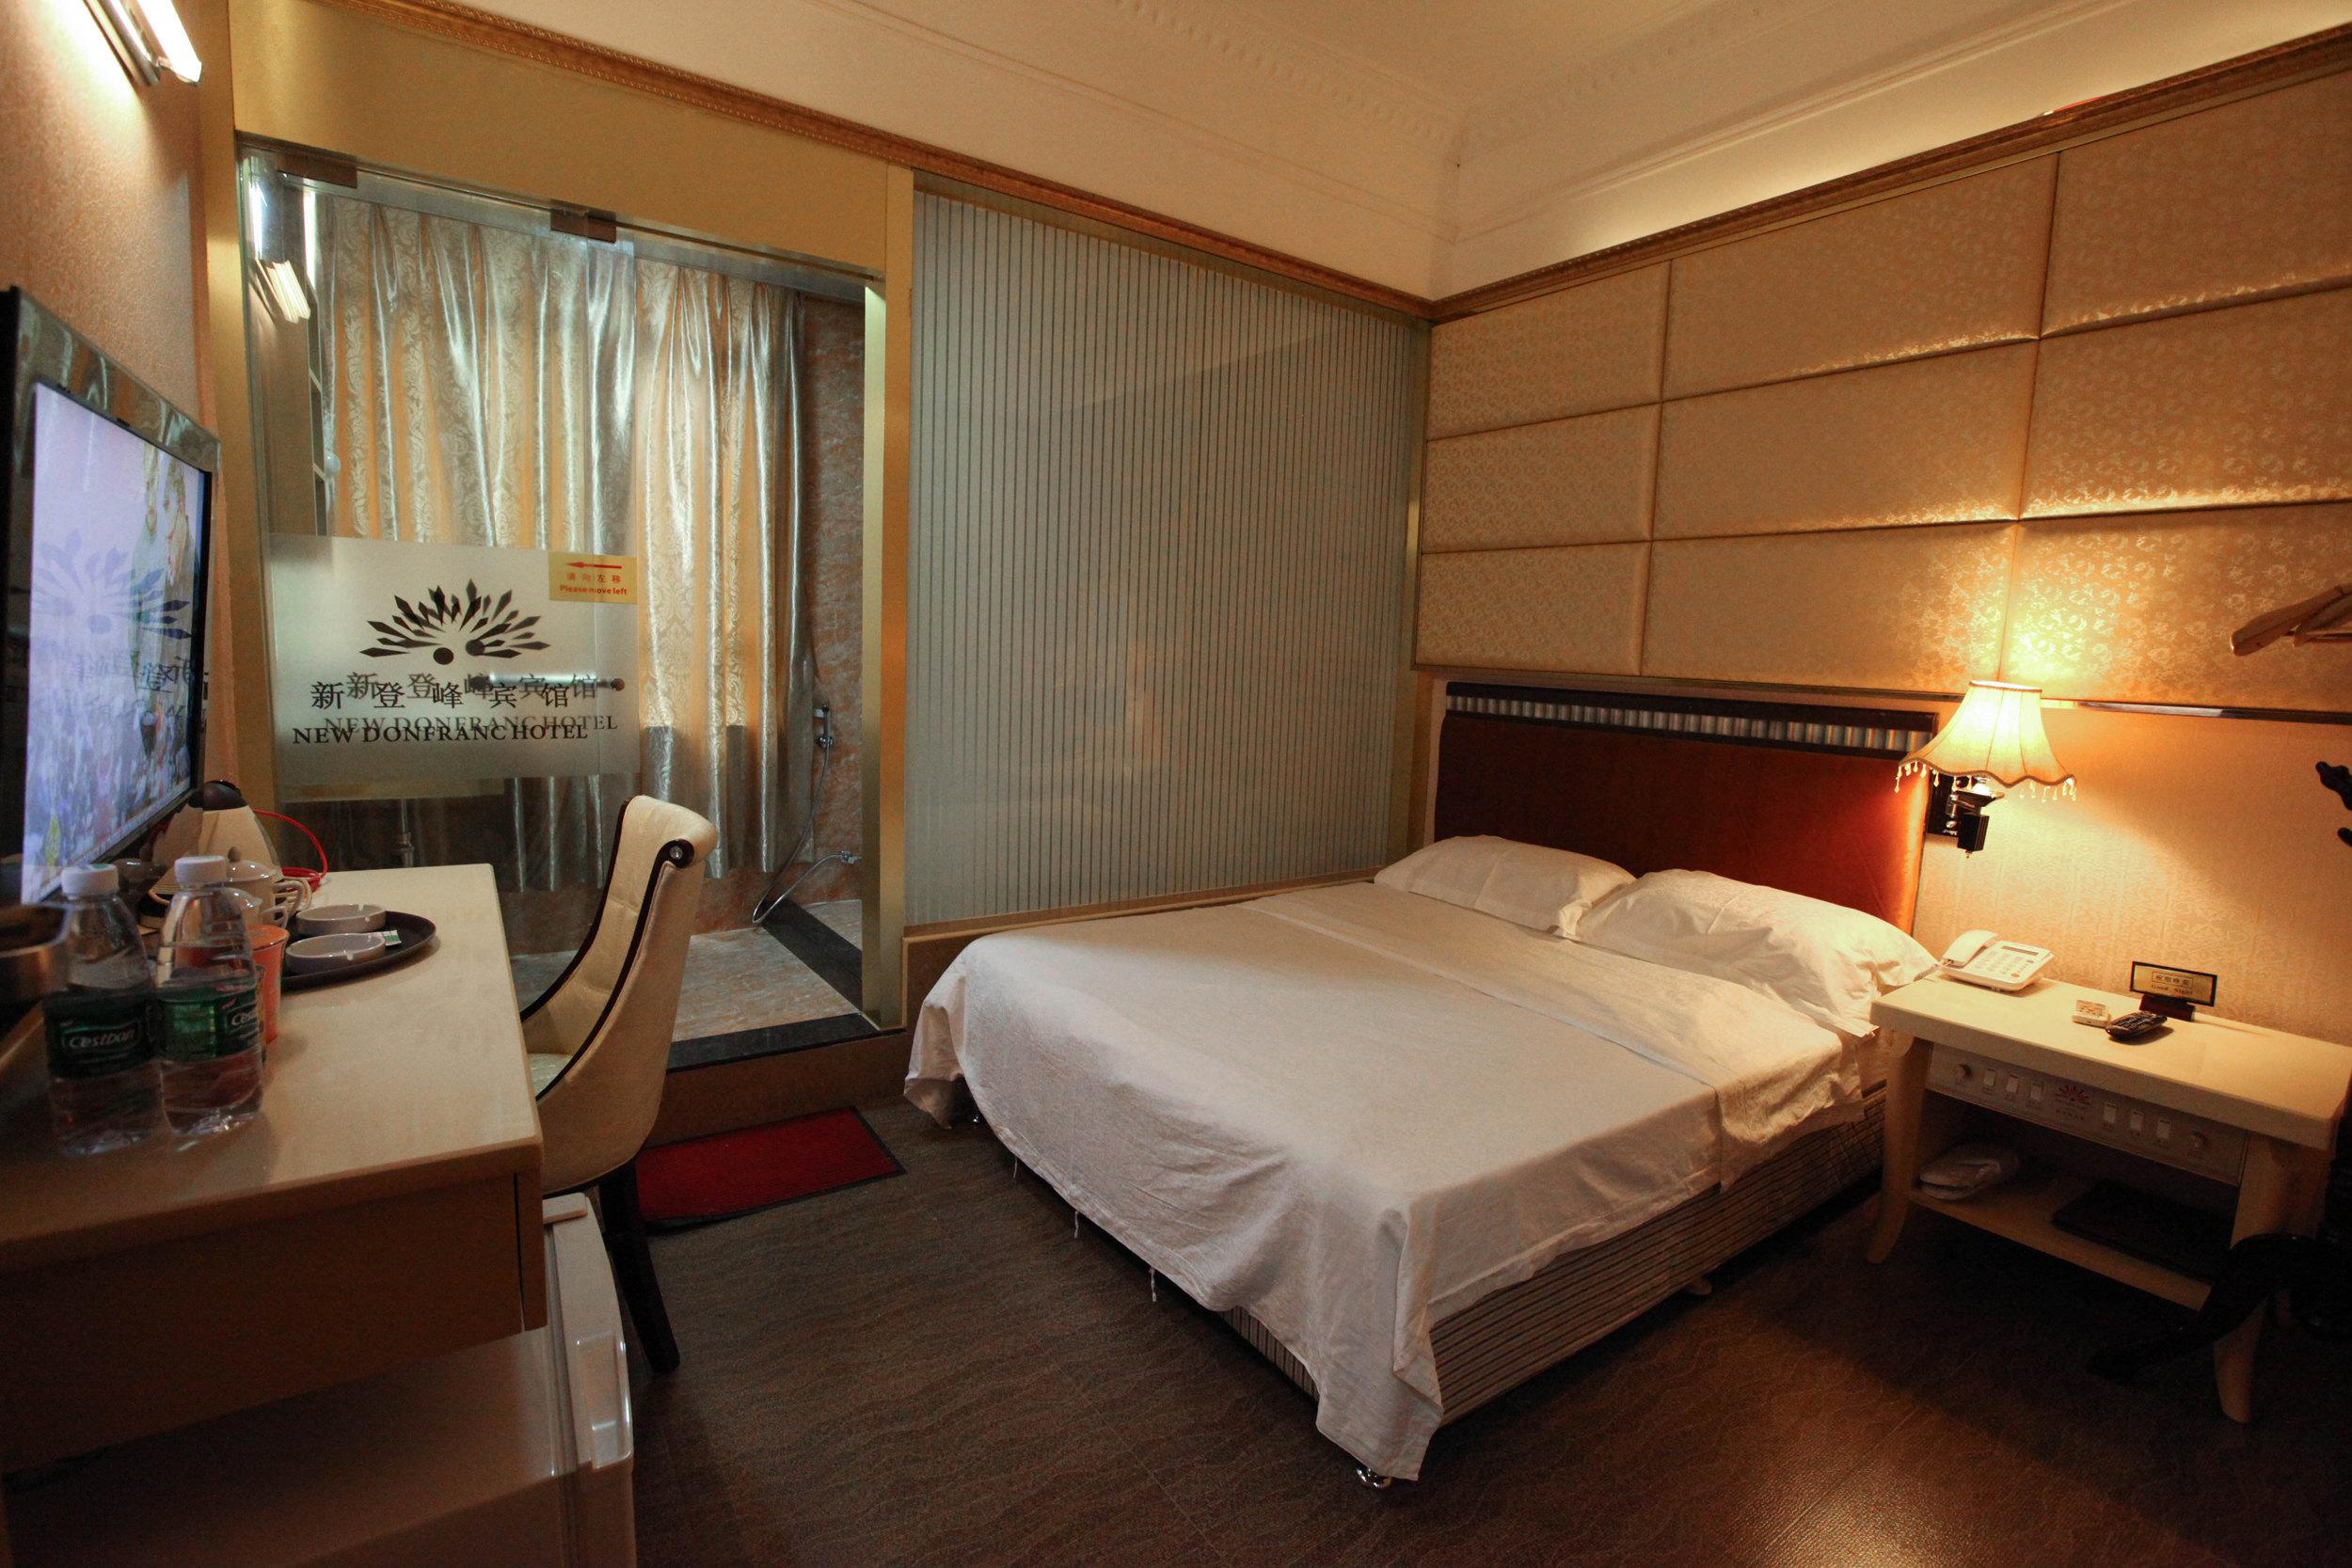 背景墙 房间 家居 酒店 设计 卧室 卧室装修 现代 装修 2500_1667图片